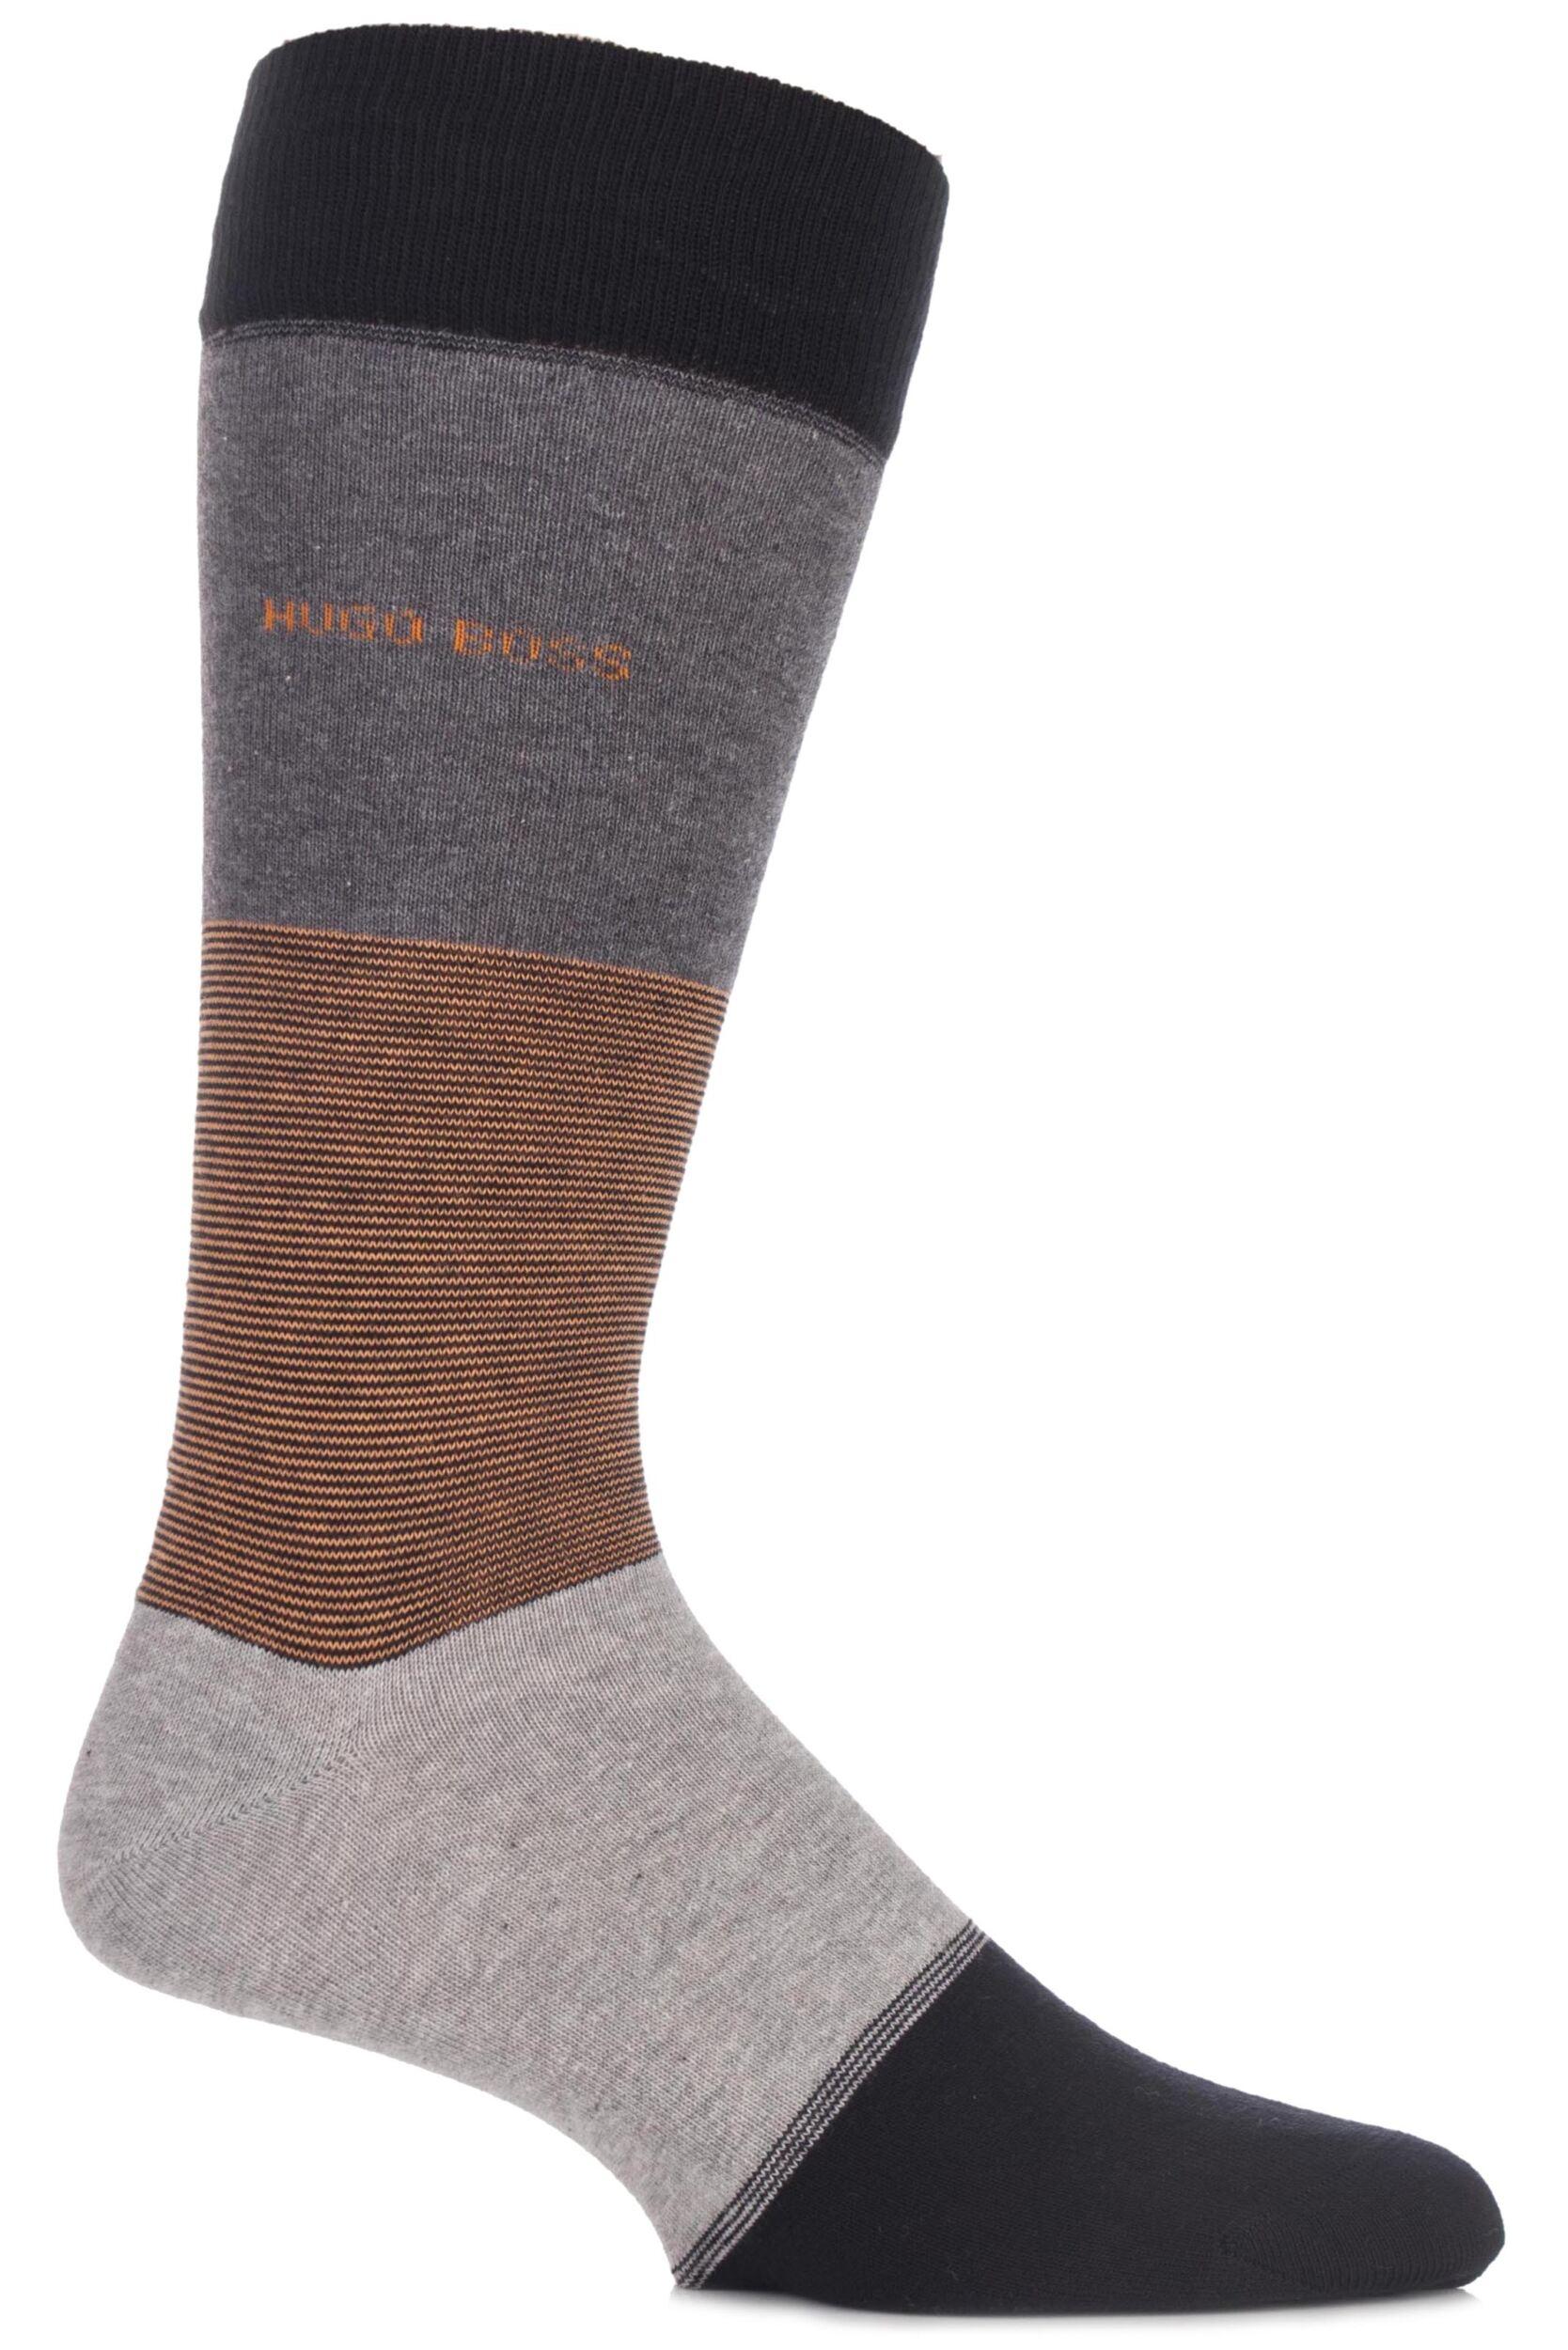 Men's Socks Mens 1 Pair Hugo Boss Banded Striped Combed Cotton Socks